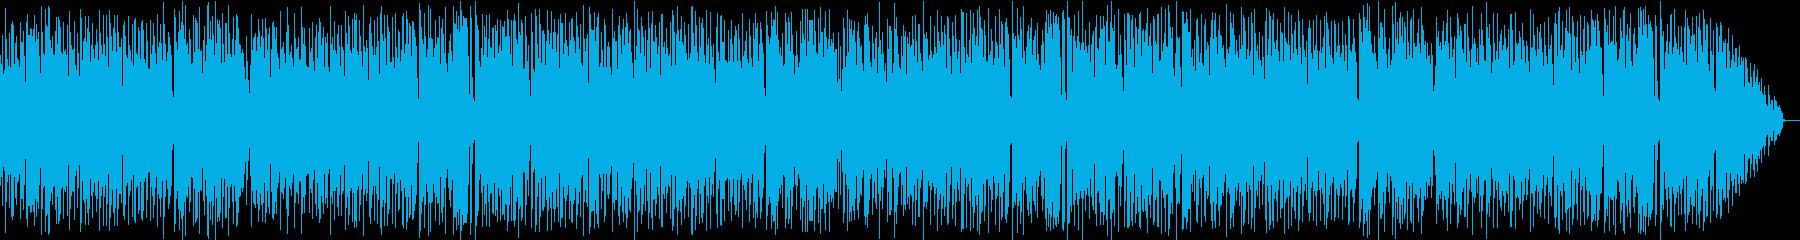 楽しい感じのスイングの再生済みの波形